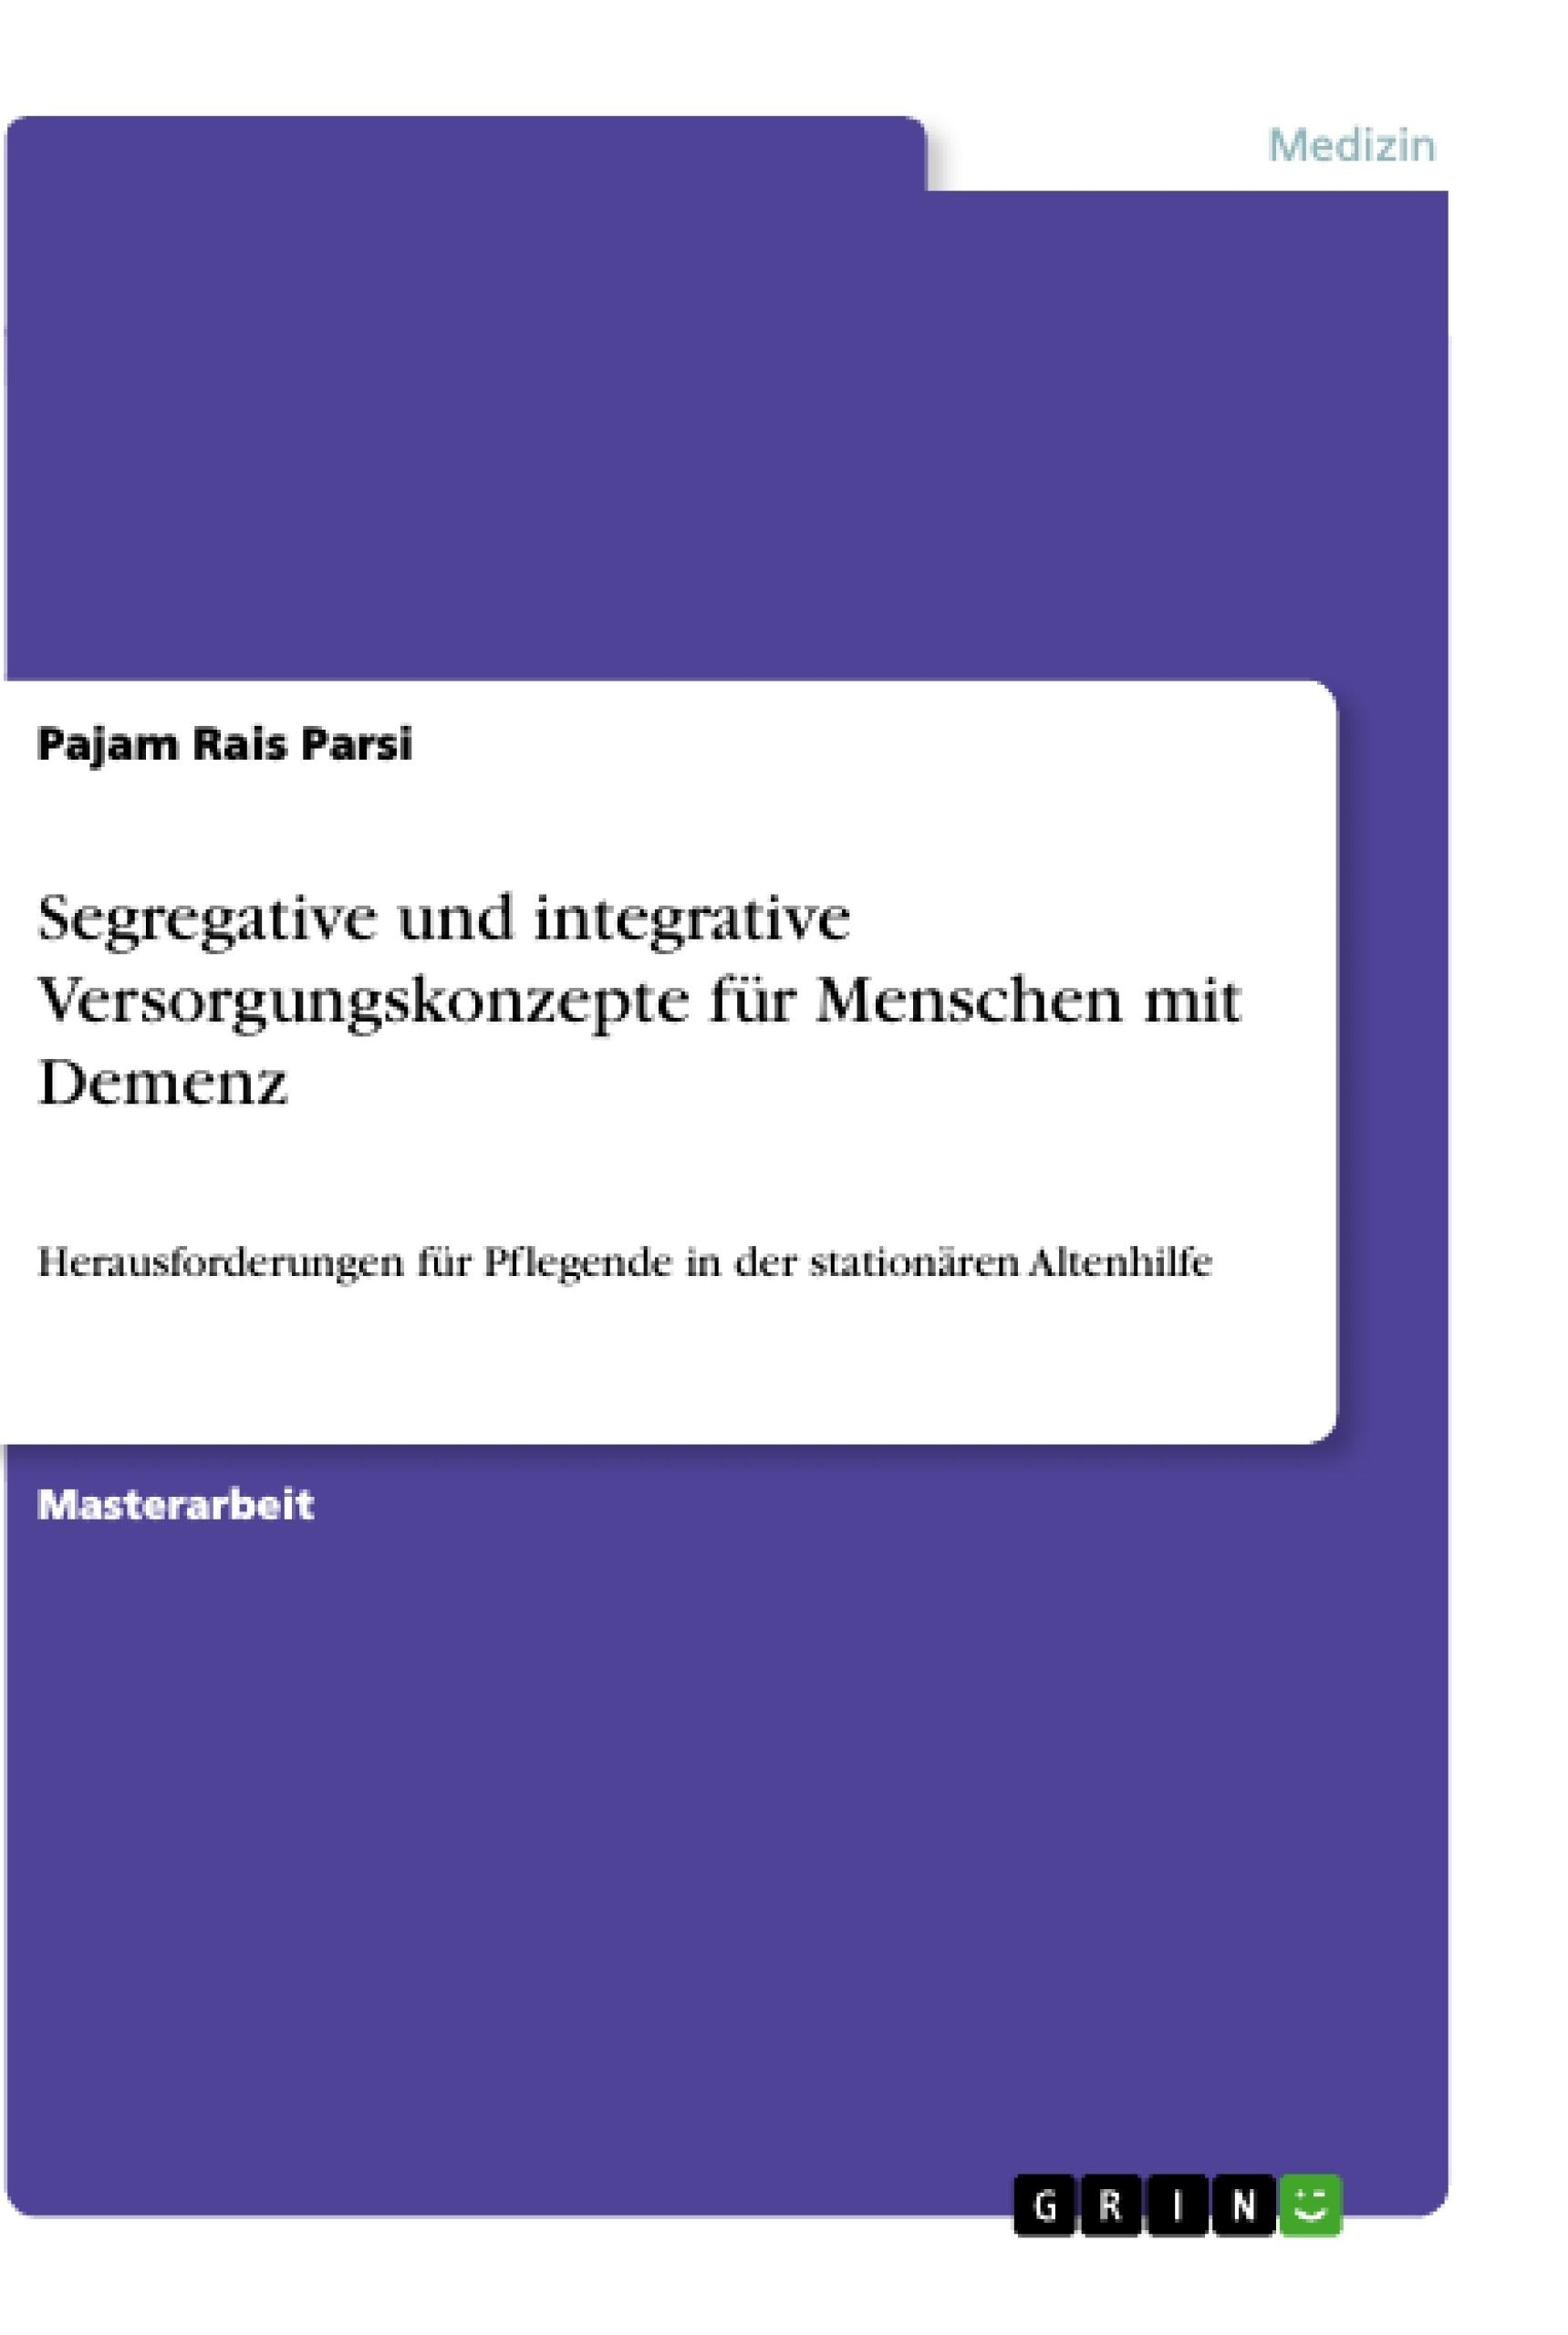 Titel: Segregative und integrative Versorgungskonzepte für Menschen mit Demenz